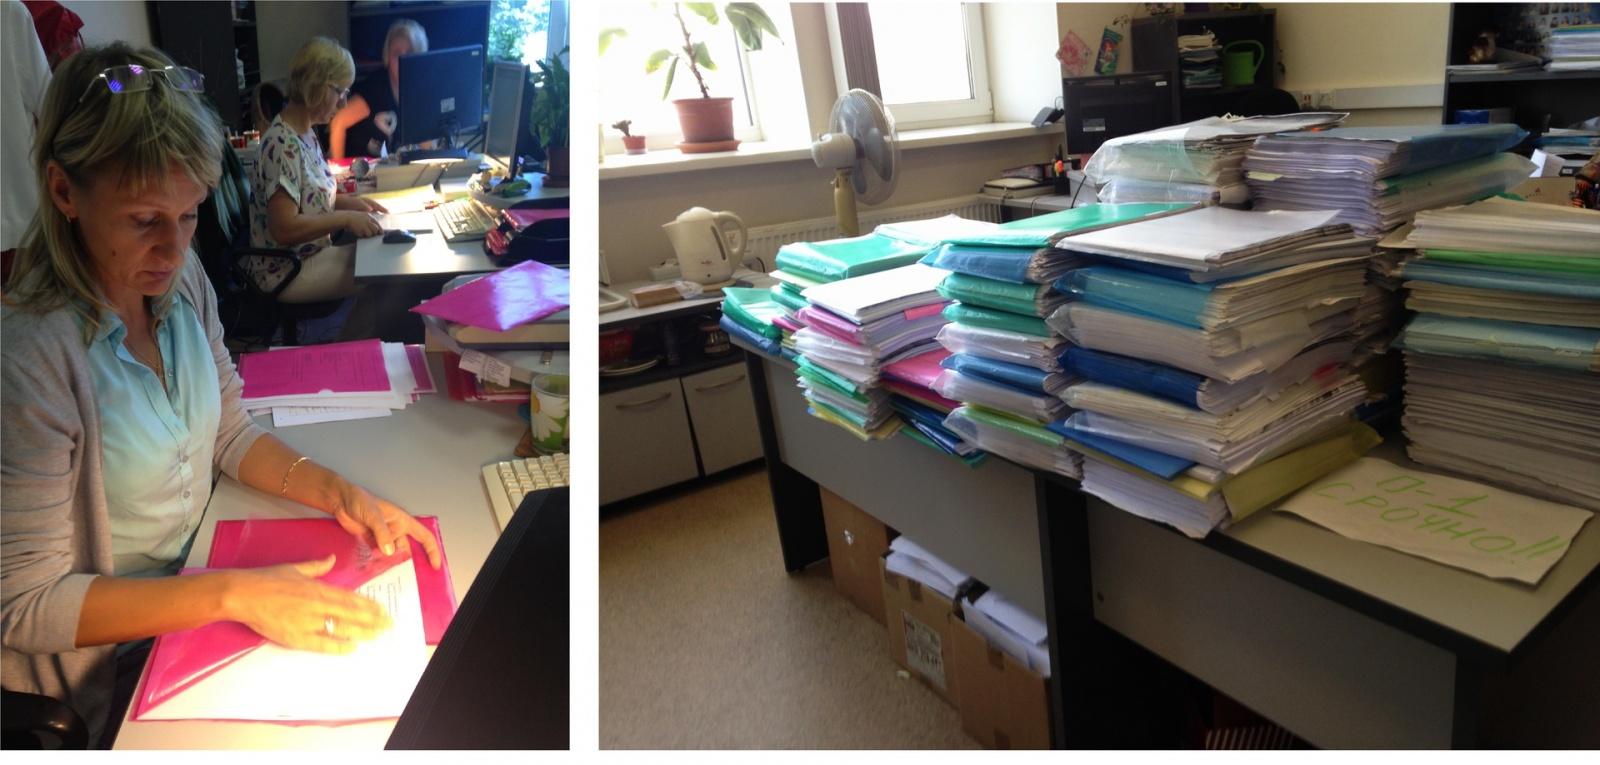 Жизненный цикл документа в профессиональной справочной системе. Немного сказочный пост о том, как кипа бумаги превращается в систему. Часть 2 - 2